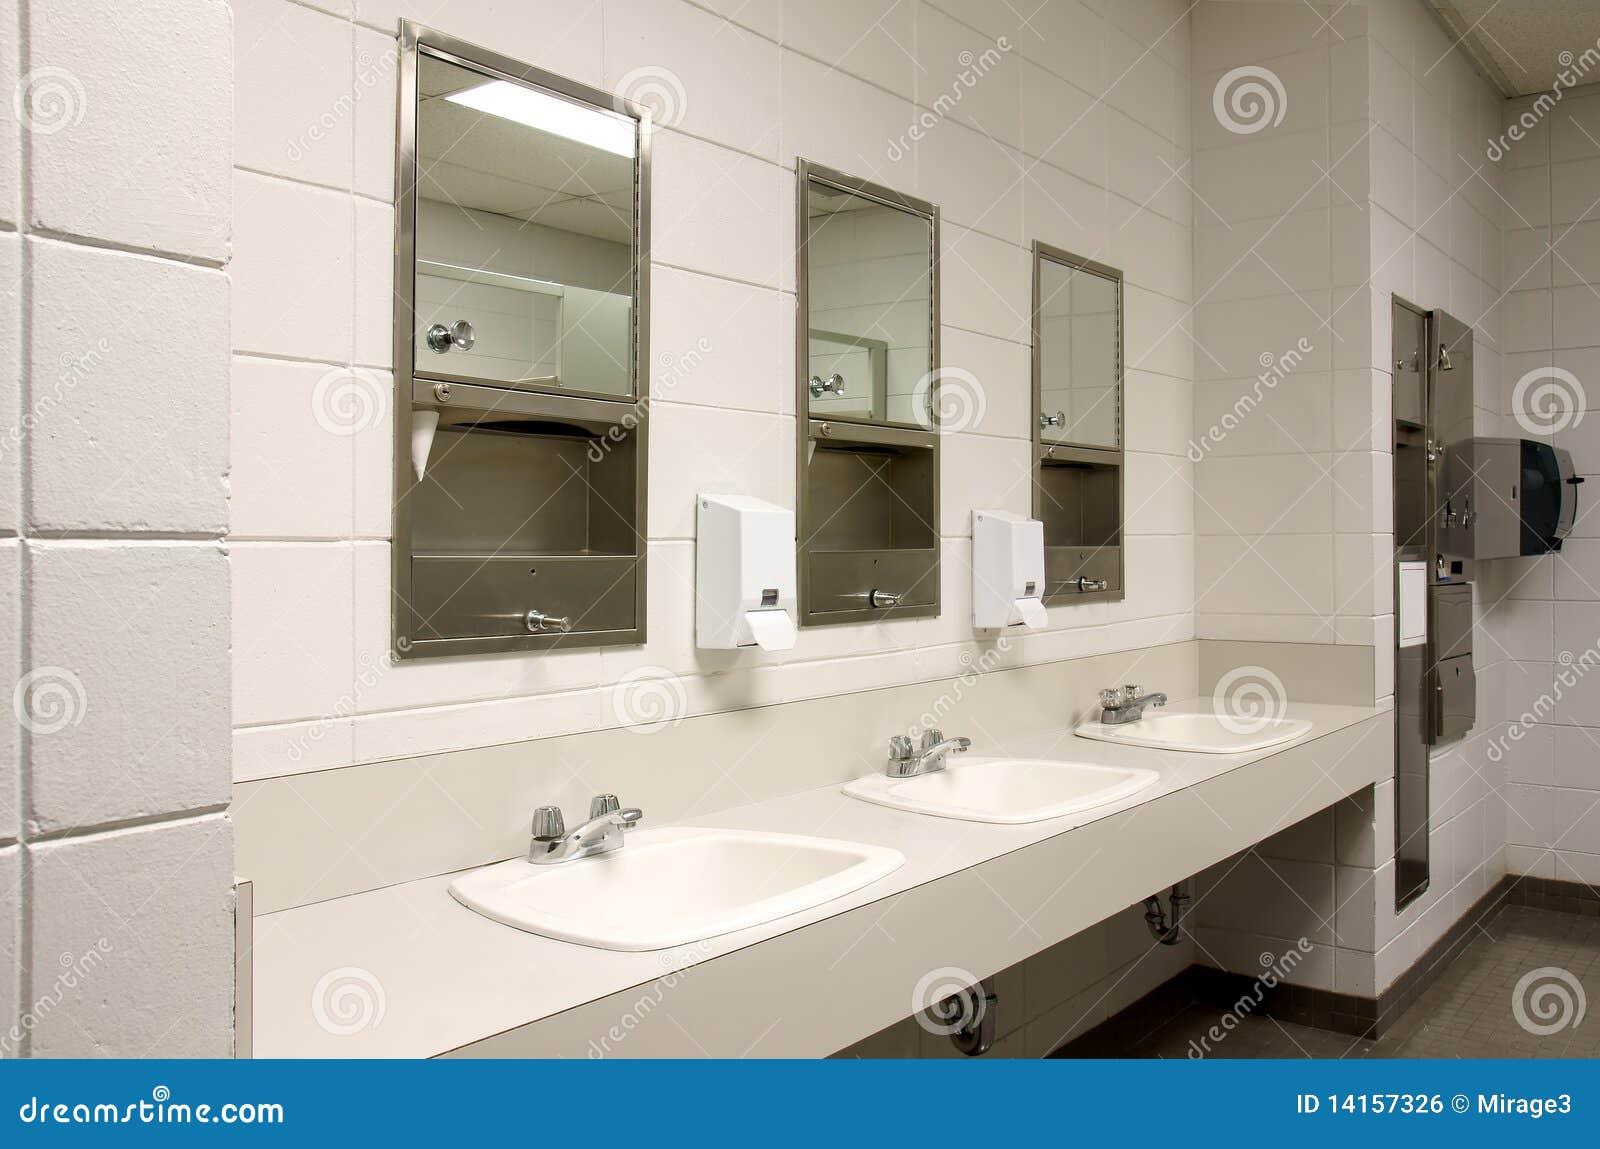 Meuble Salle De Bain Ebeniste ~ Salle De Bains Publique Rigide Photo Stock Image Du Public